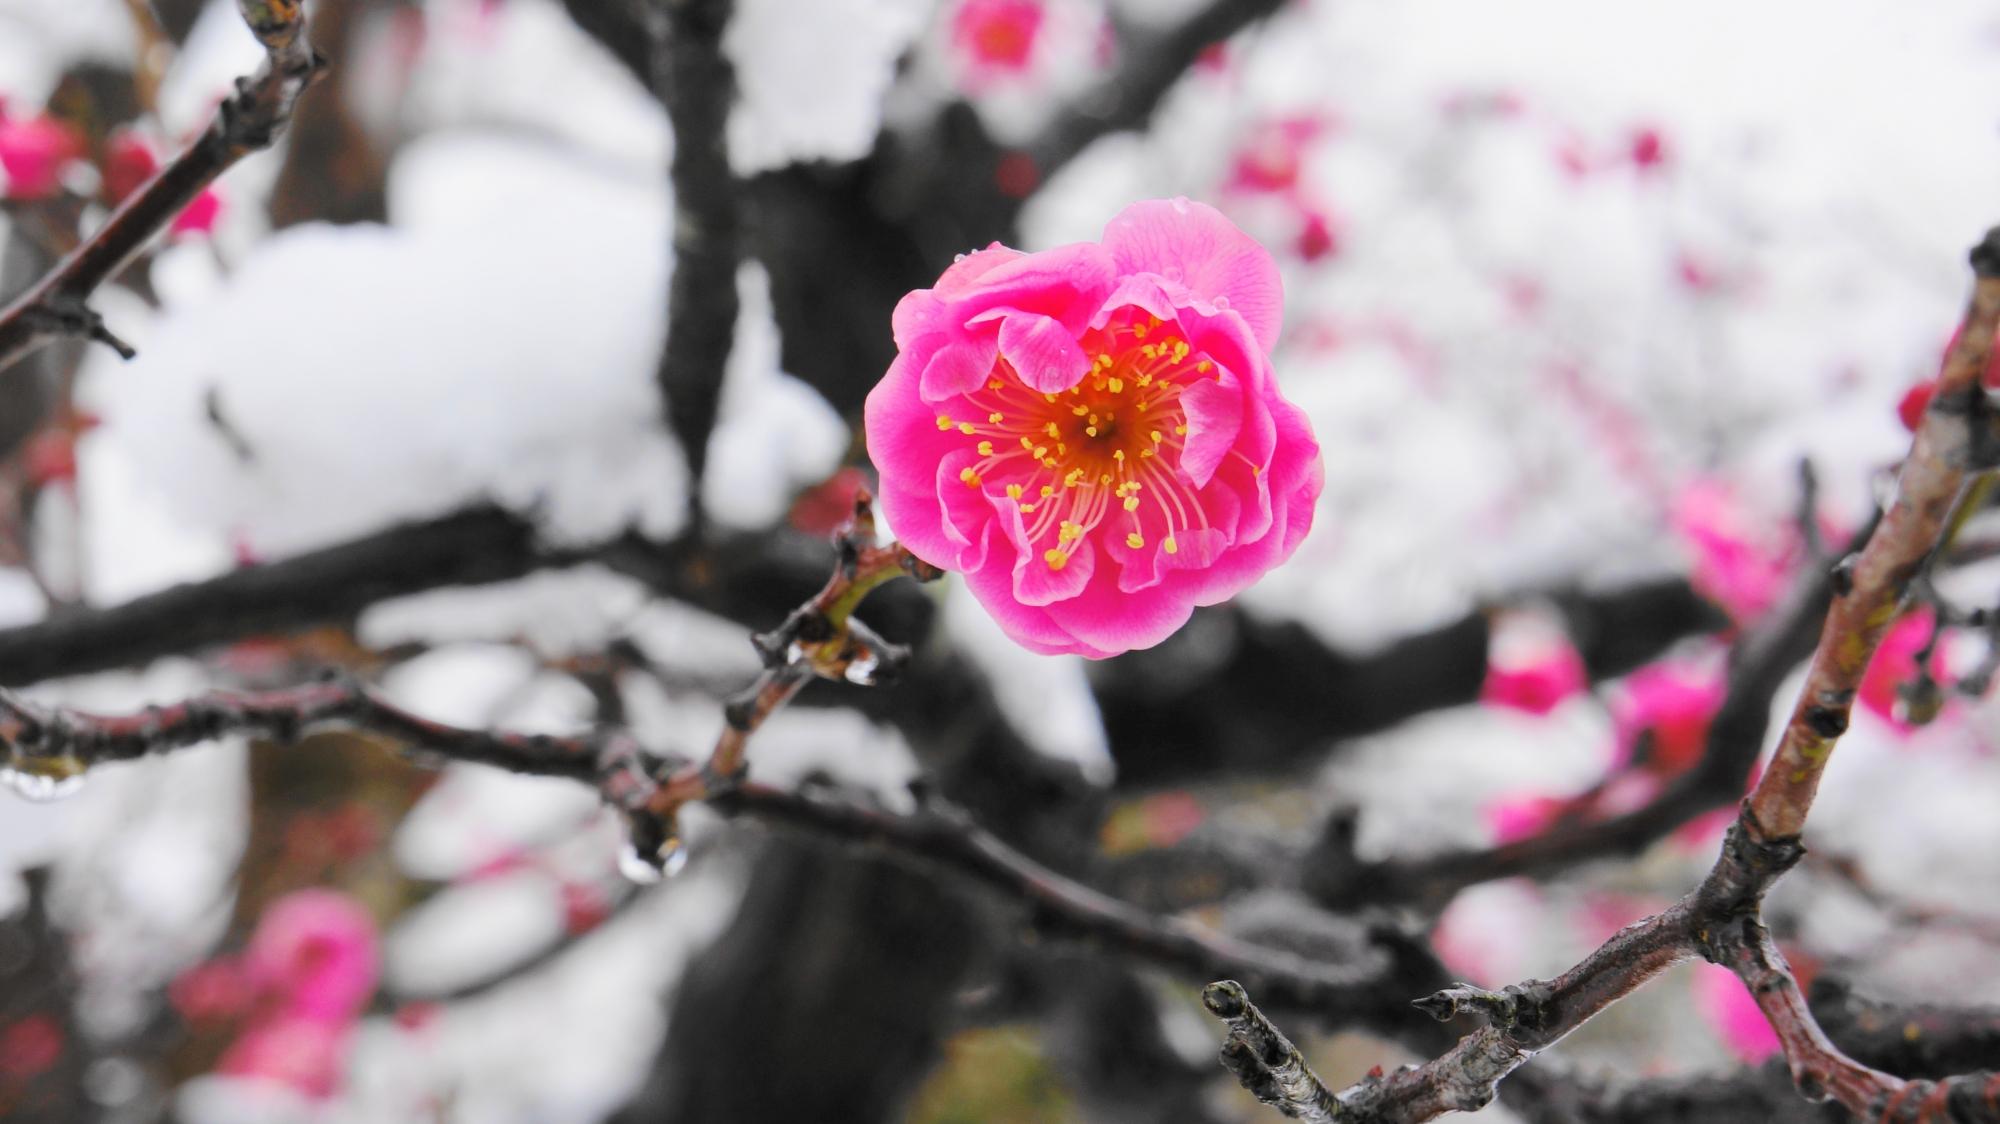 雪の白い背景に映えるピンクの梅の花